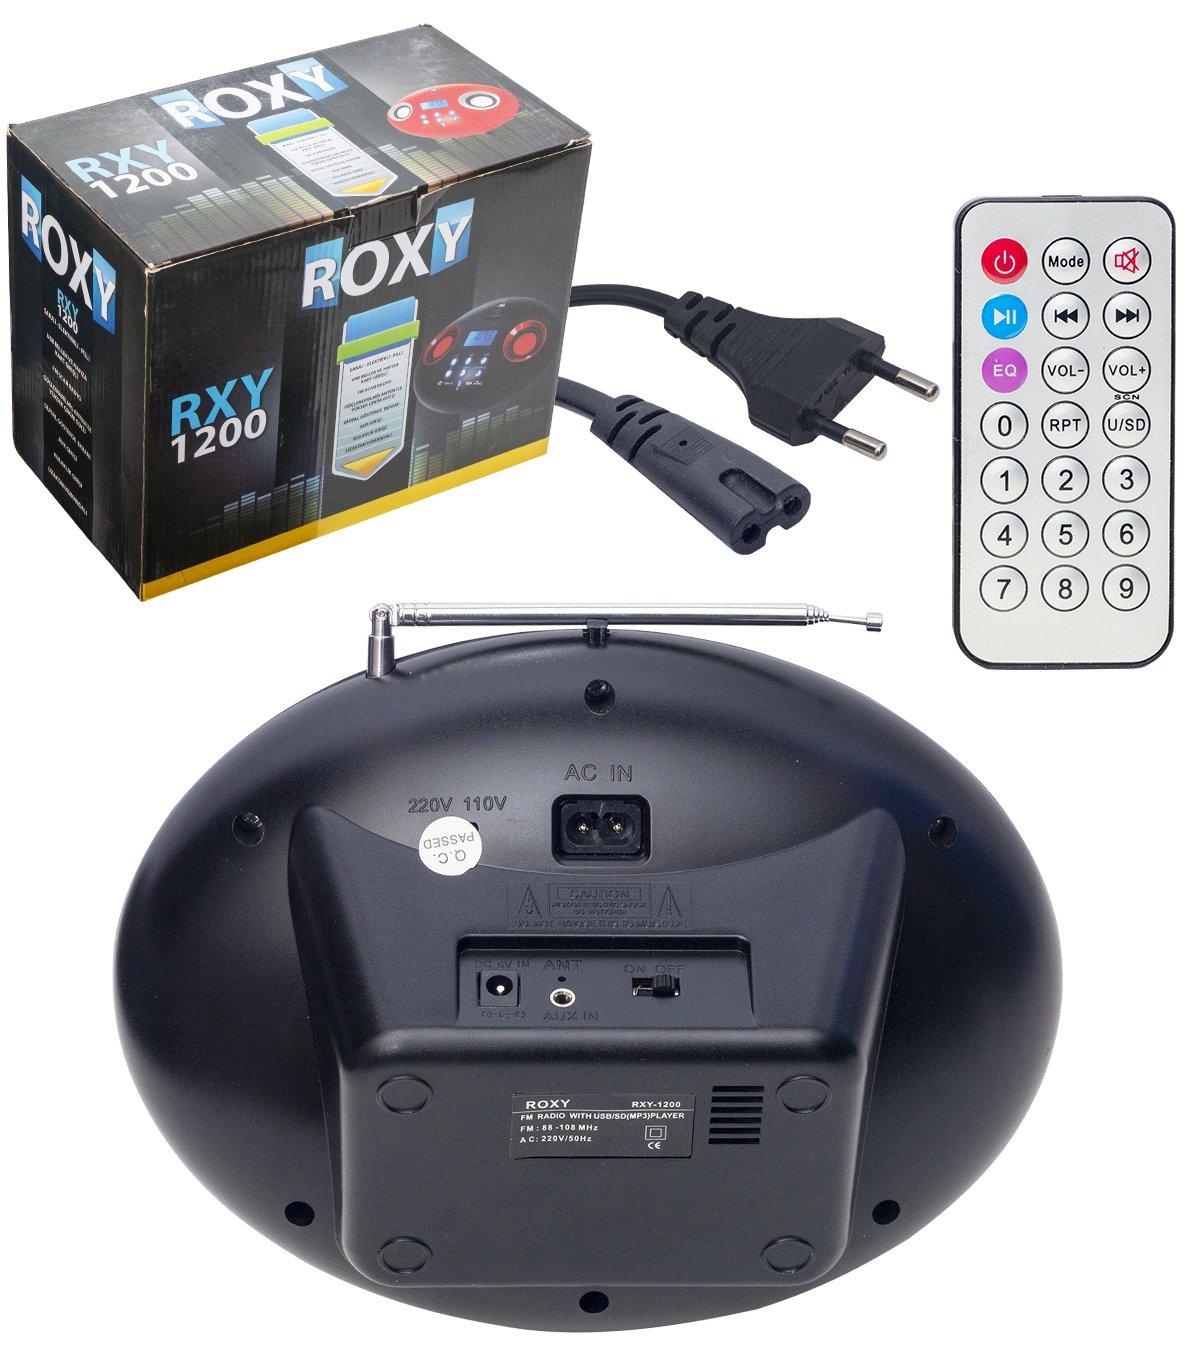 Roxy RXY-1200 Müzik kutusu